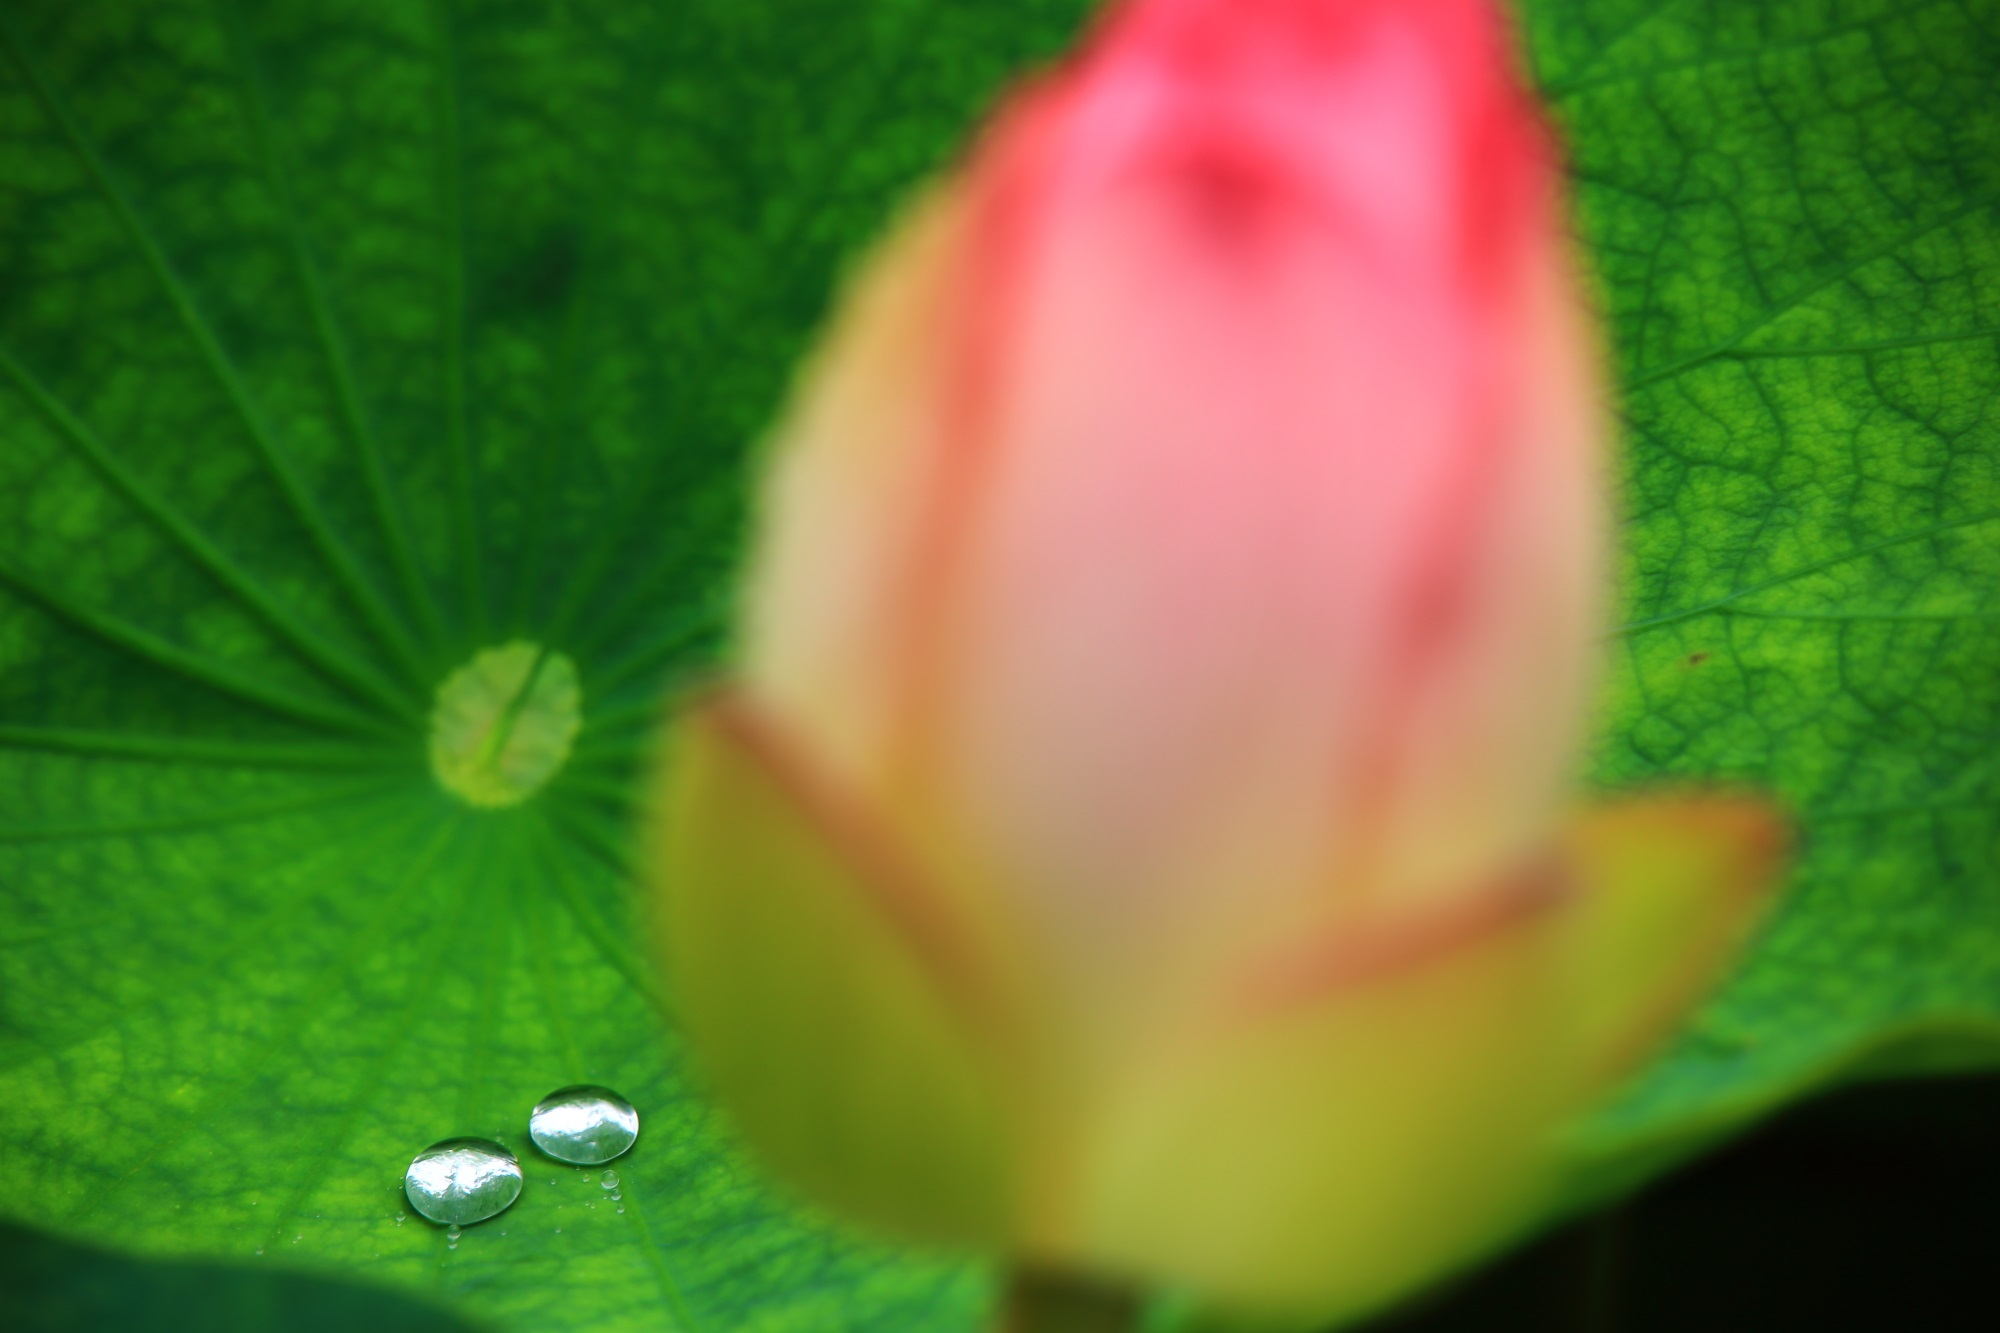 はすの花の傍らで葉に溜まるスライムのような可愛い雨水